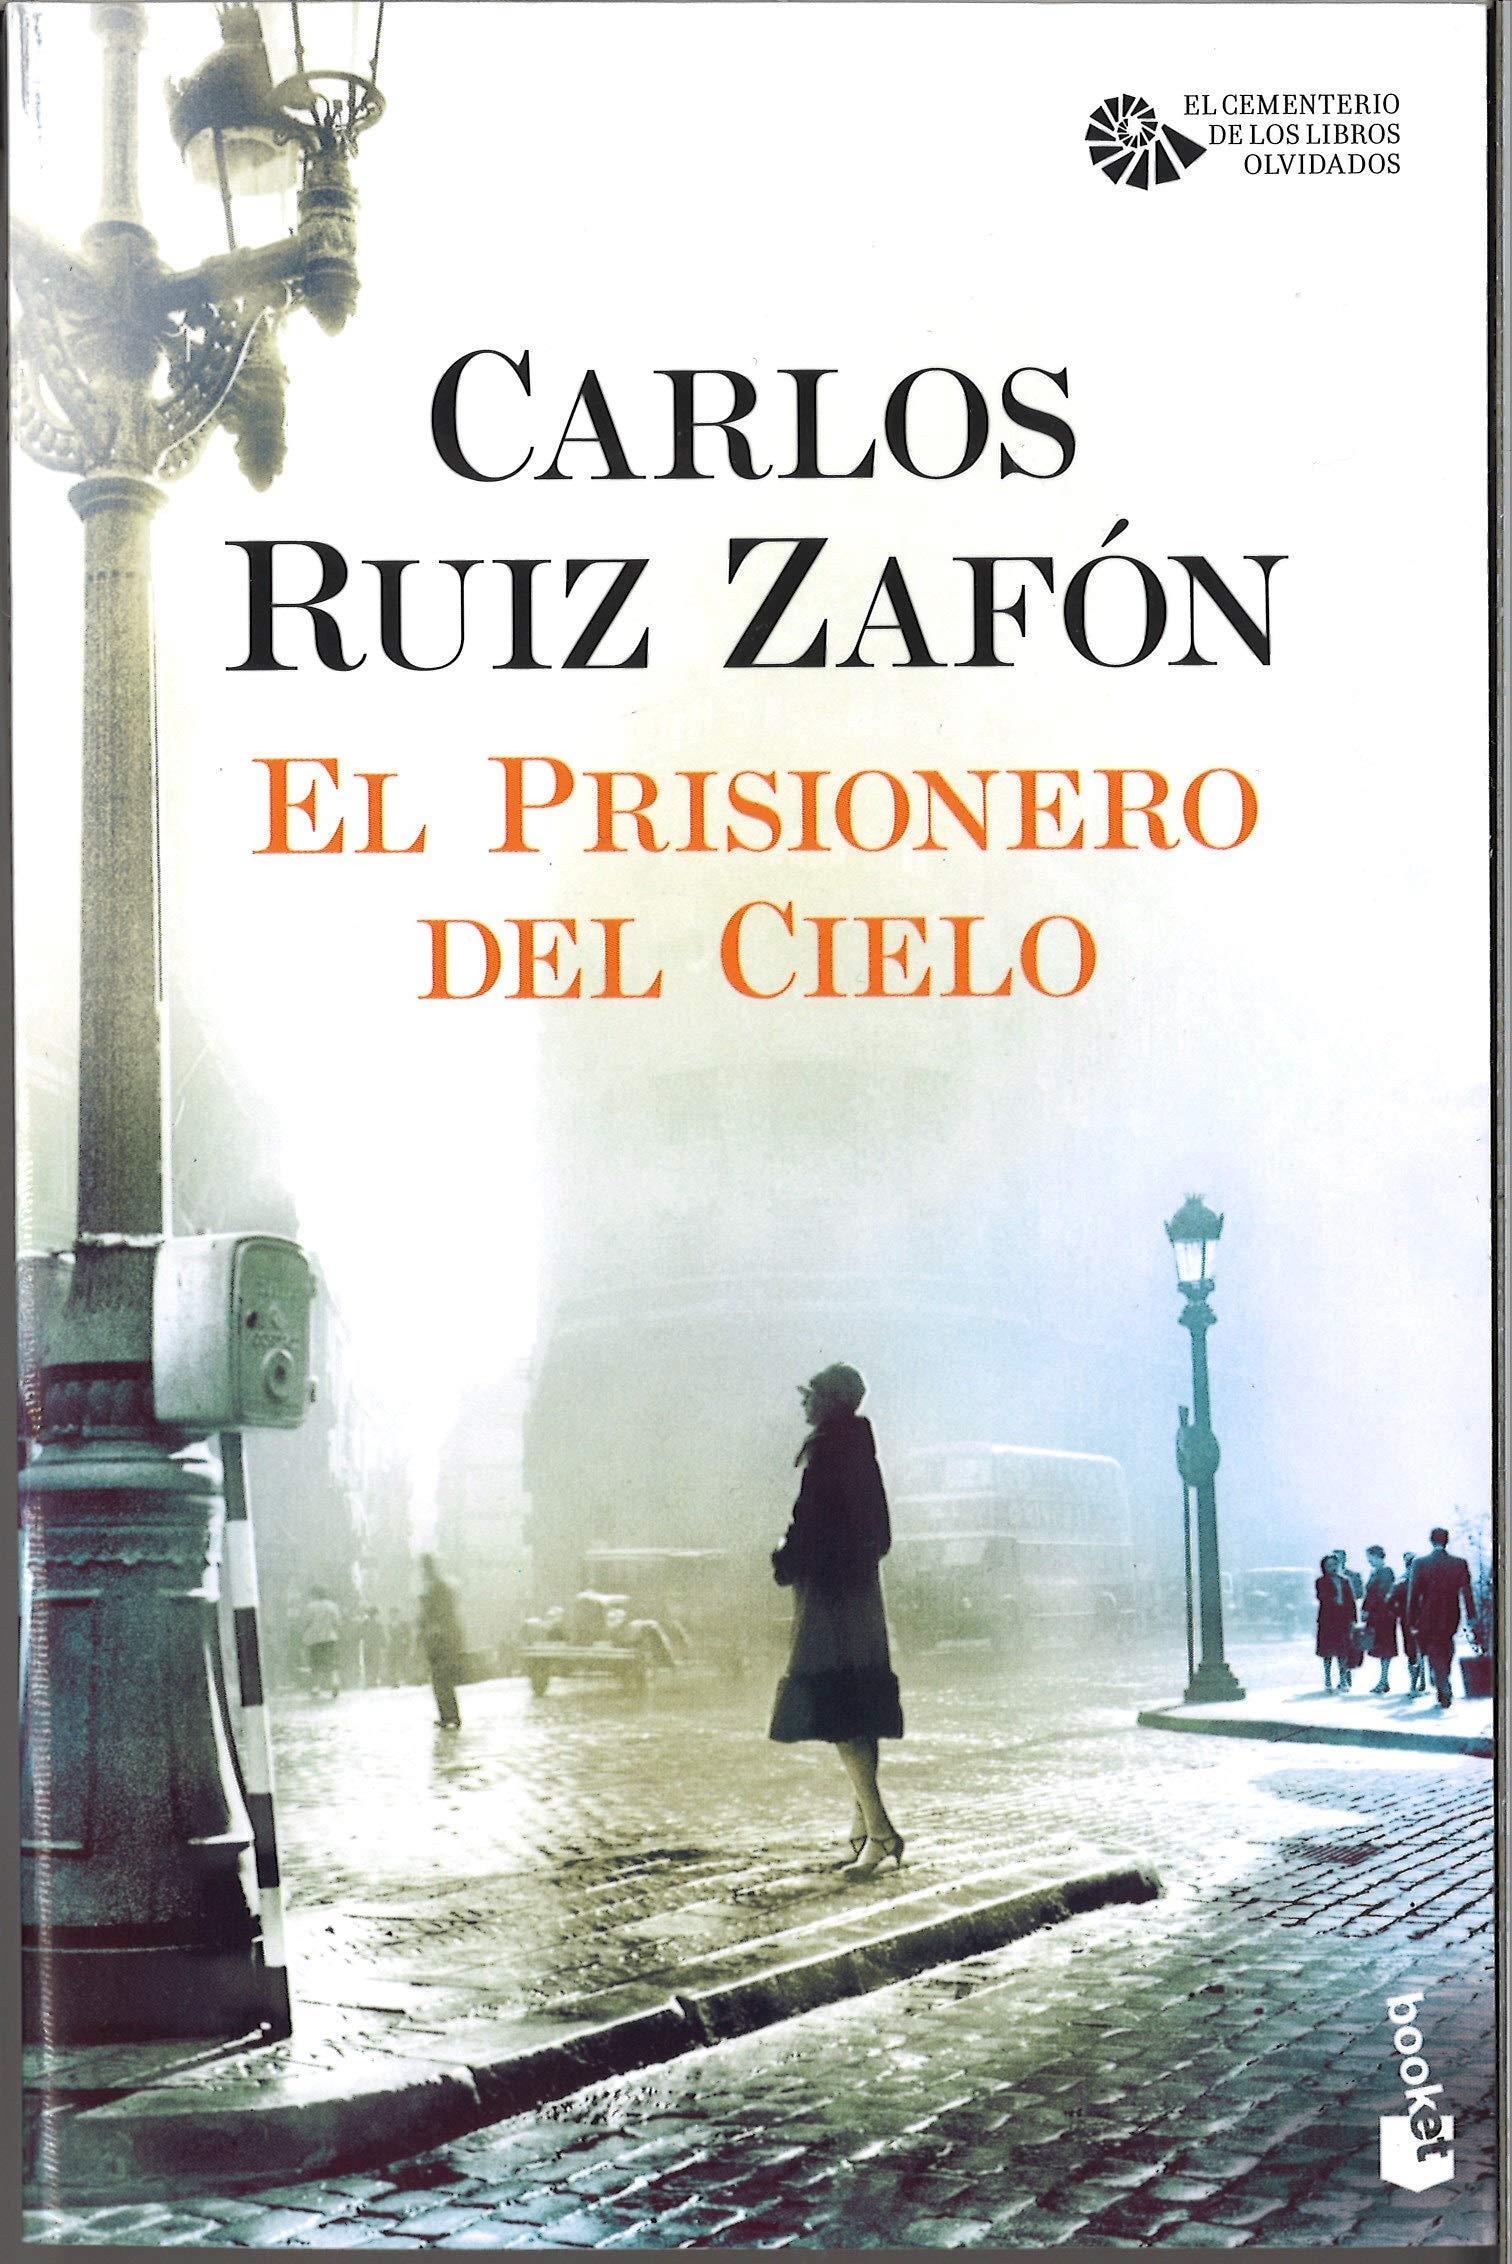 PRISIONERO DEL CIELO,EL